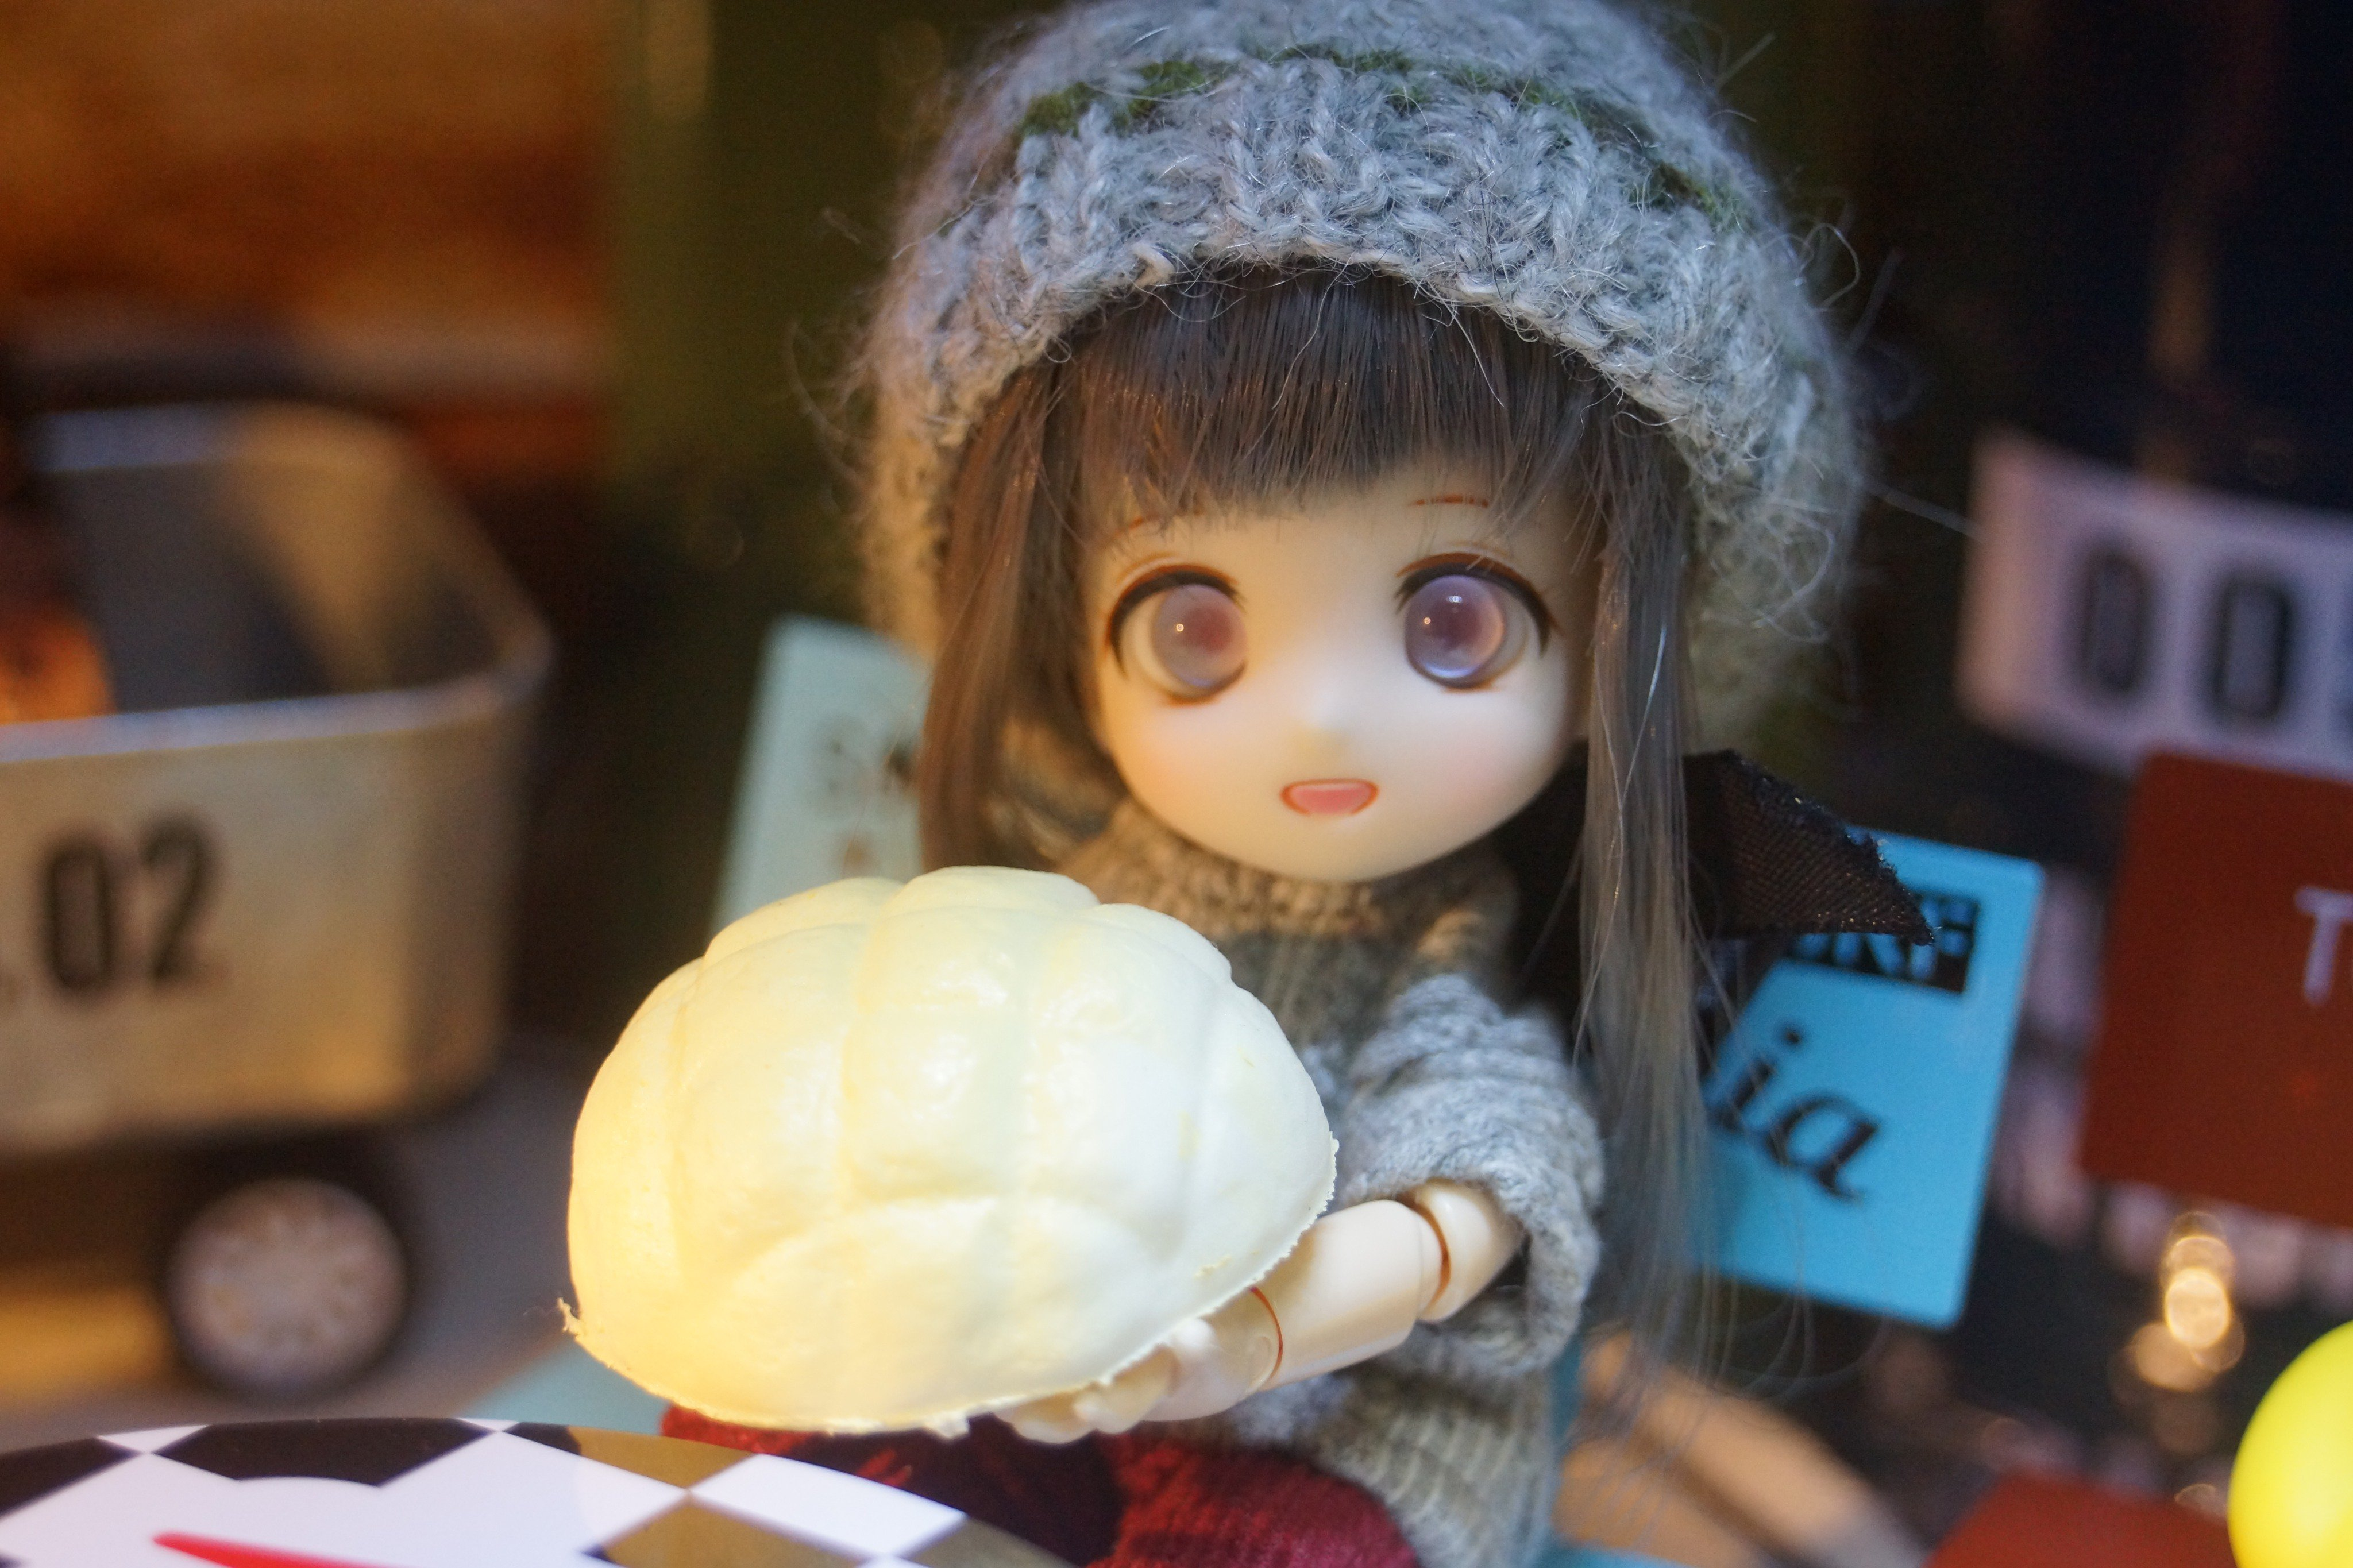 可愛いあまむす楪,ミニスウィーツドール,お茶目なドール,キュート